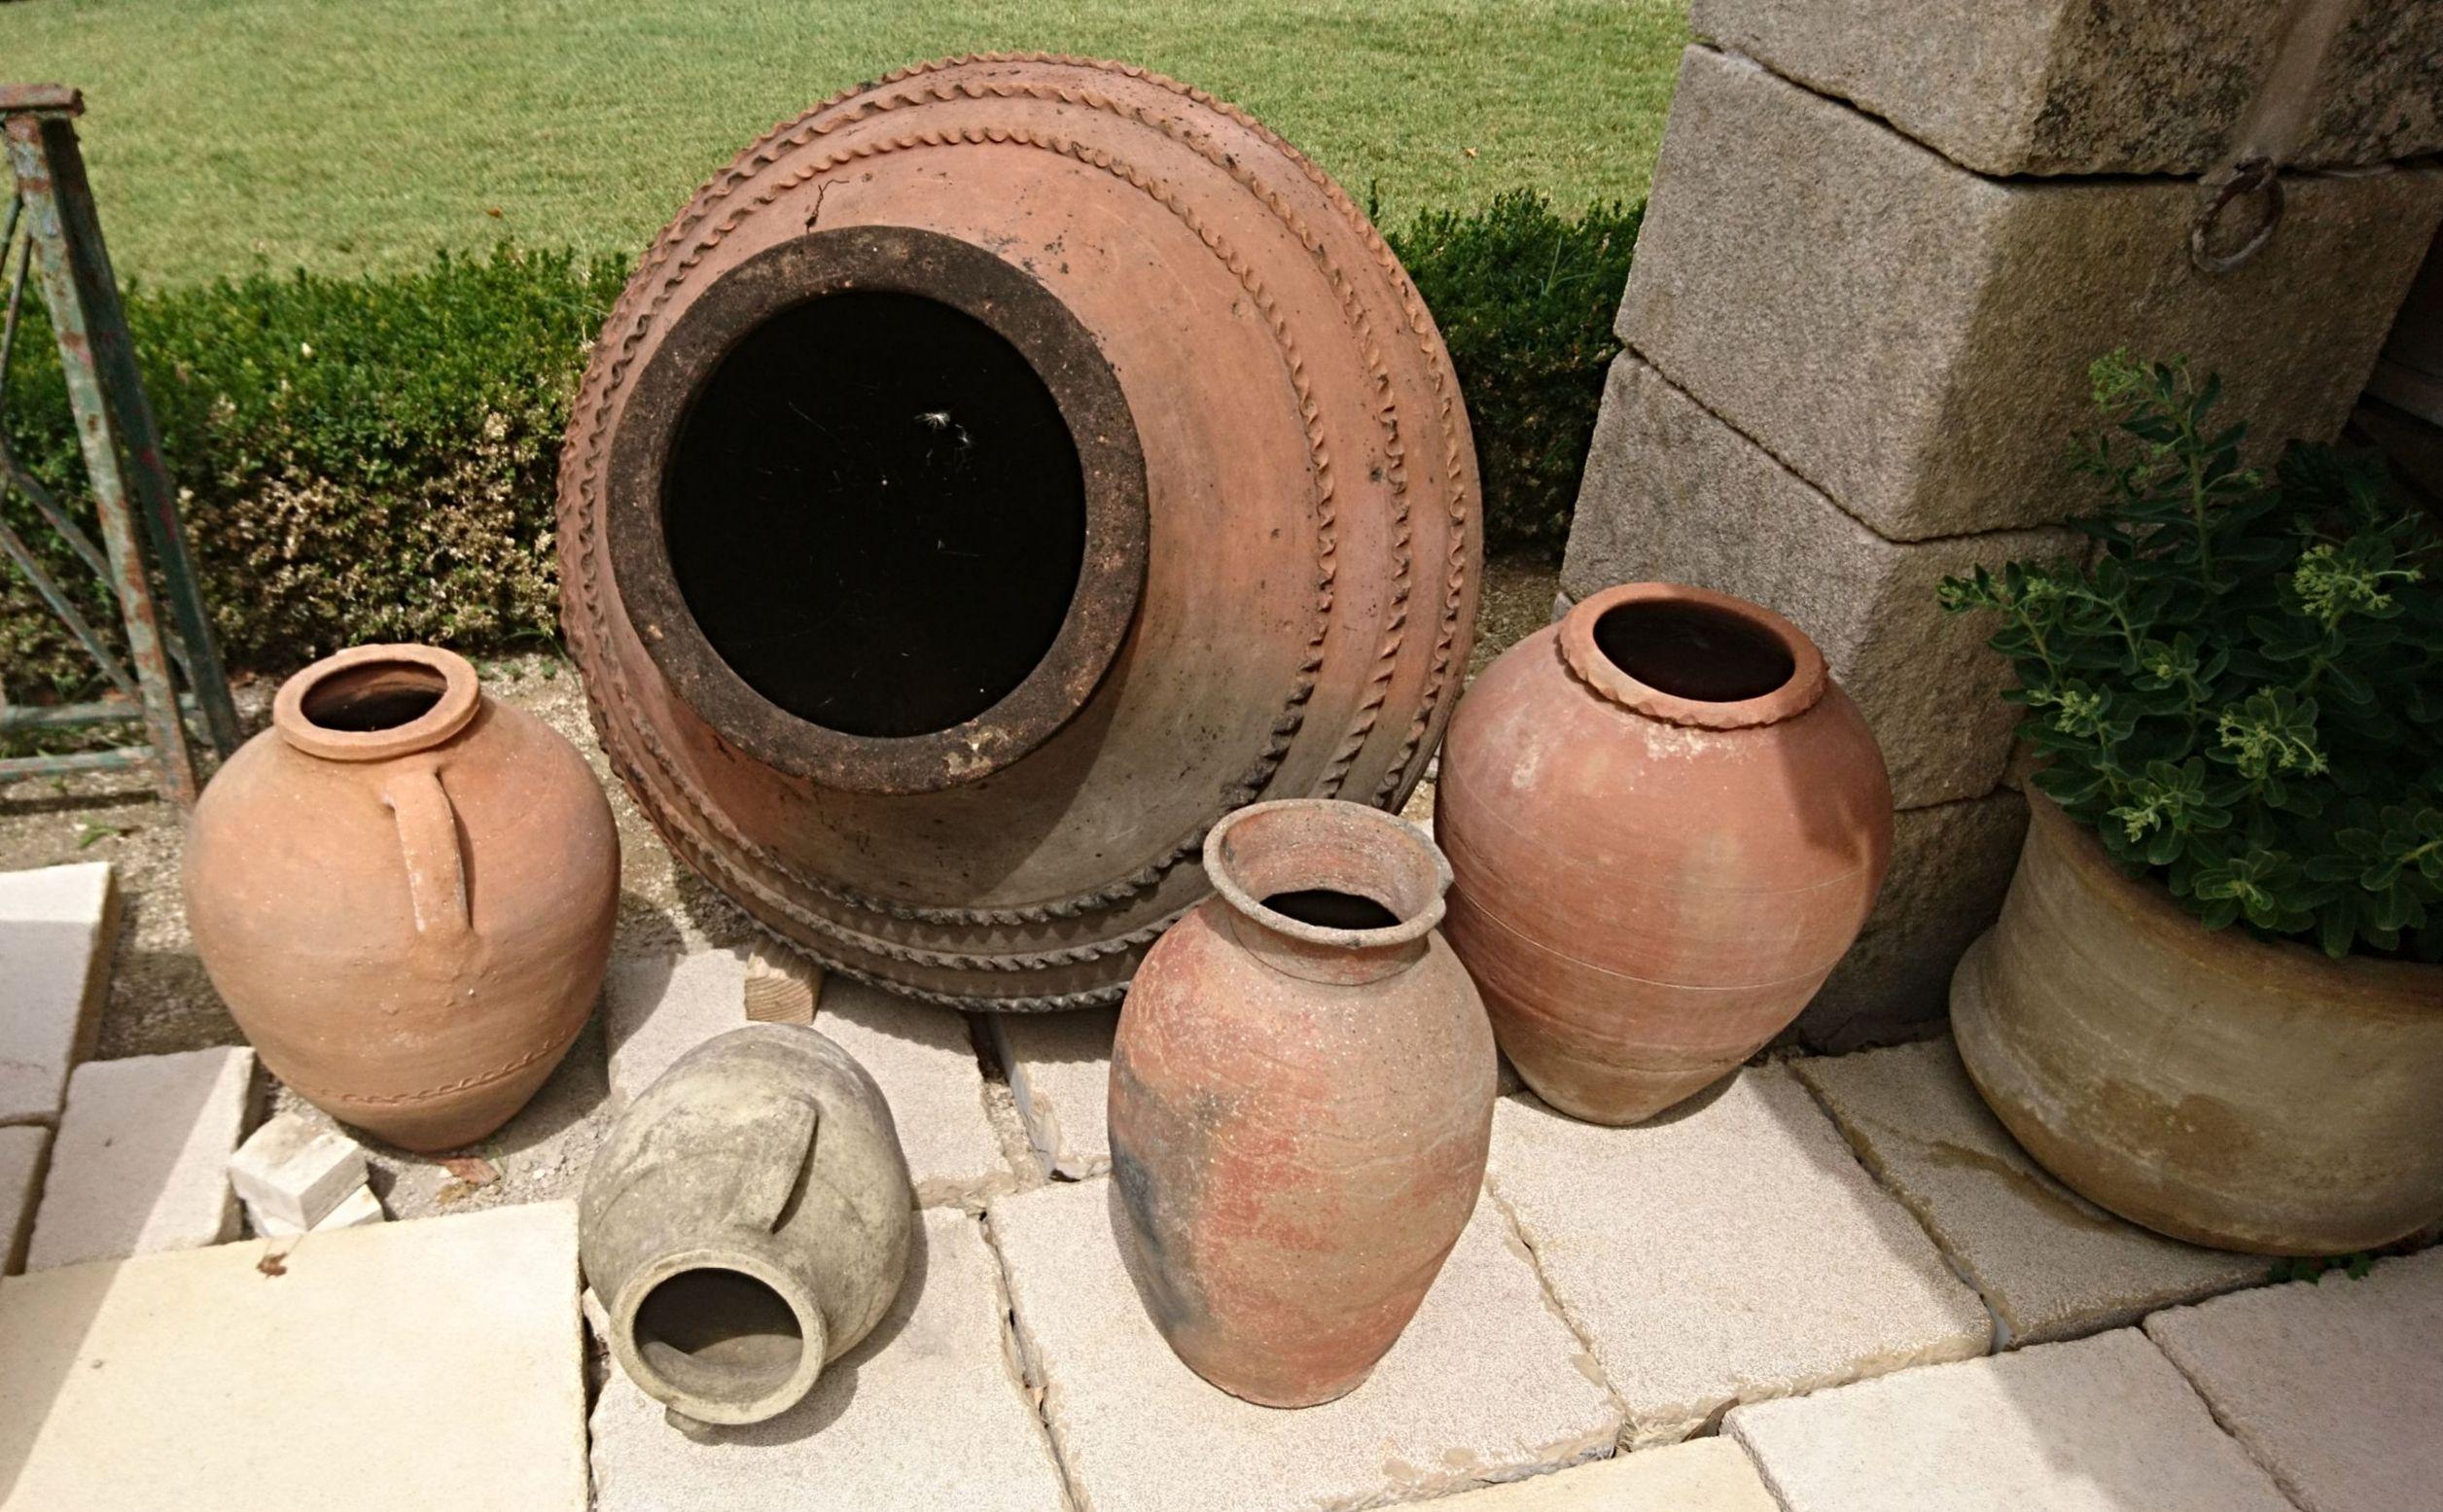 Découvrez Les Poteries Et Jarres Anciennes Proposées Par ... serapportantà Jarre Terre Cuite Pour Jardin